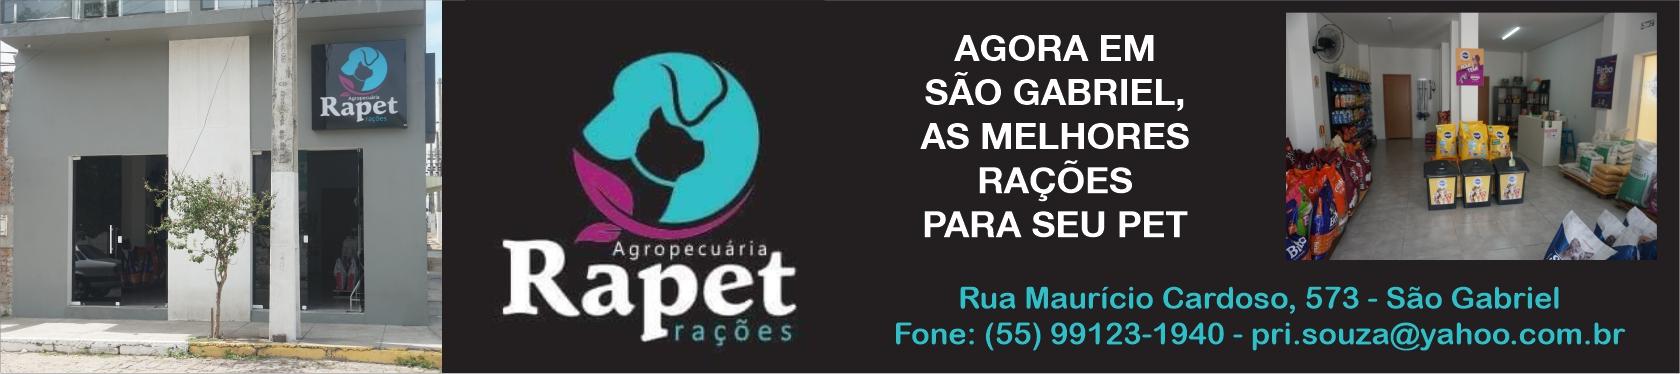 Agropecuária Rapet Rações - agora em São Gabriel